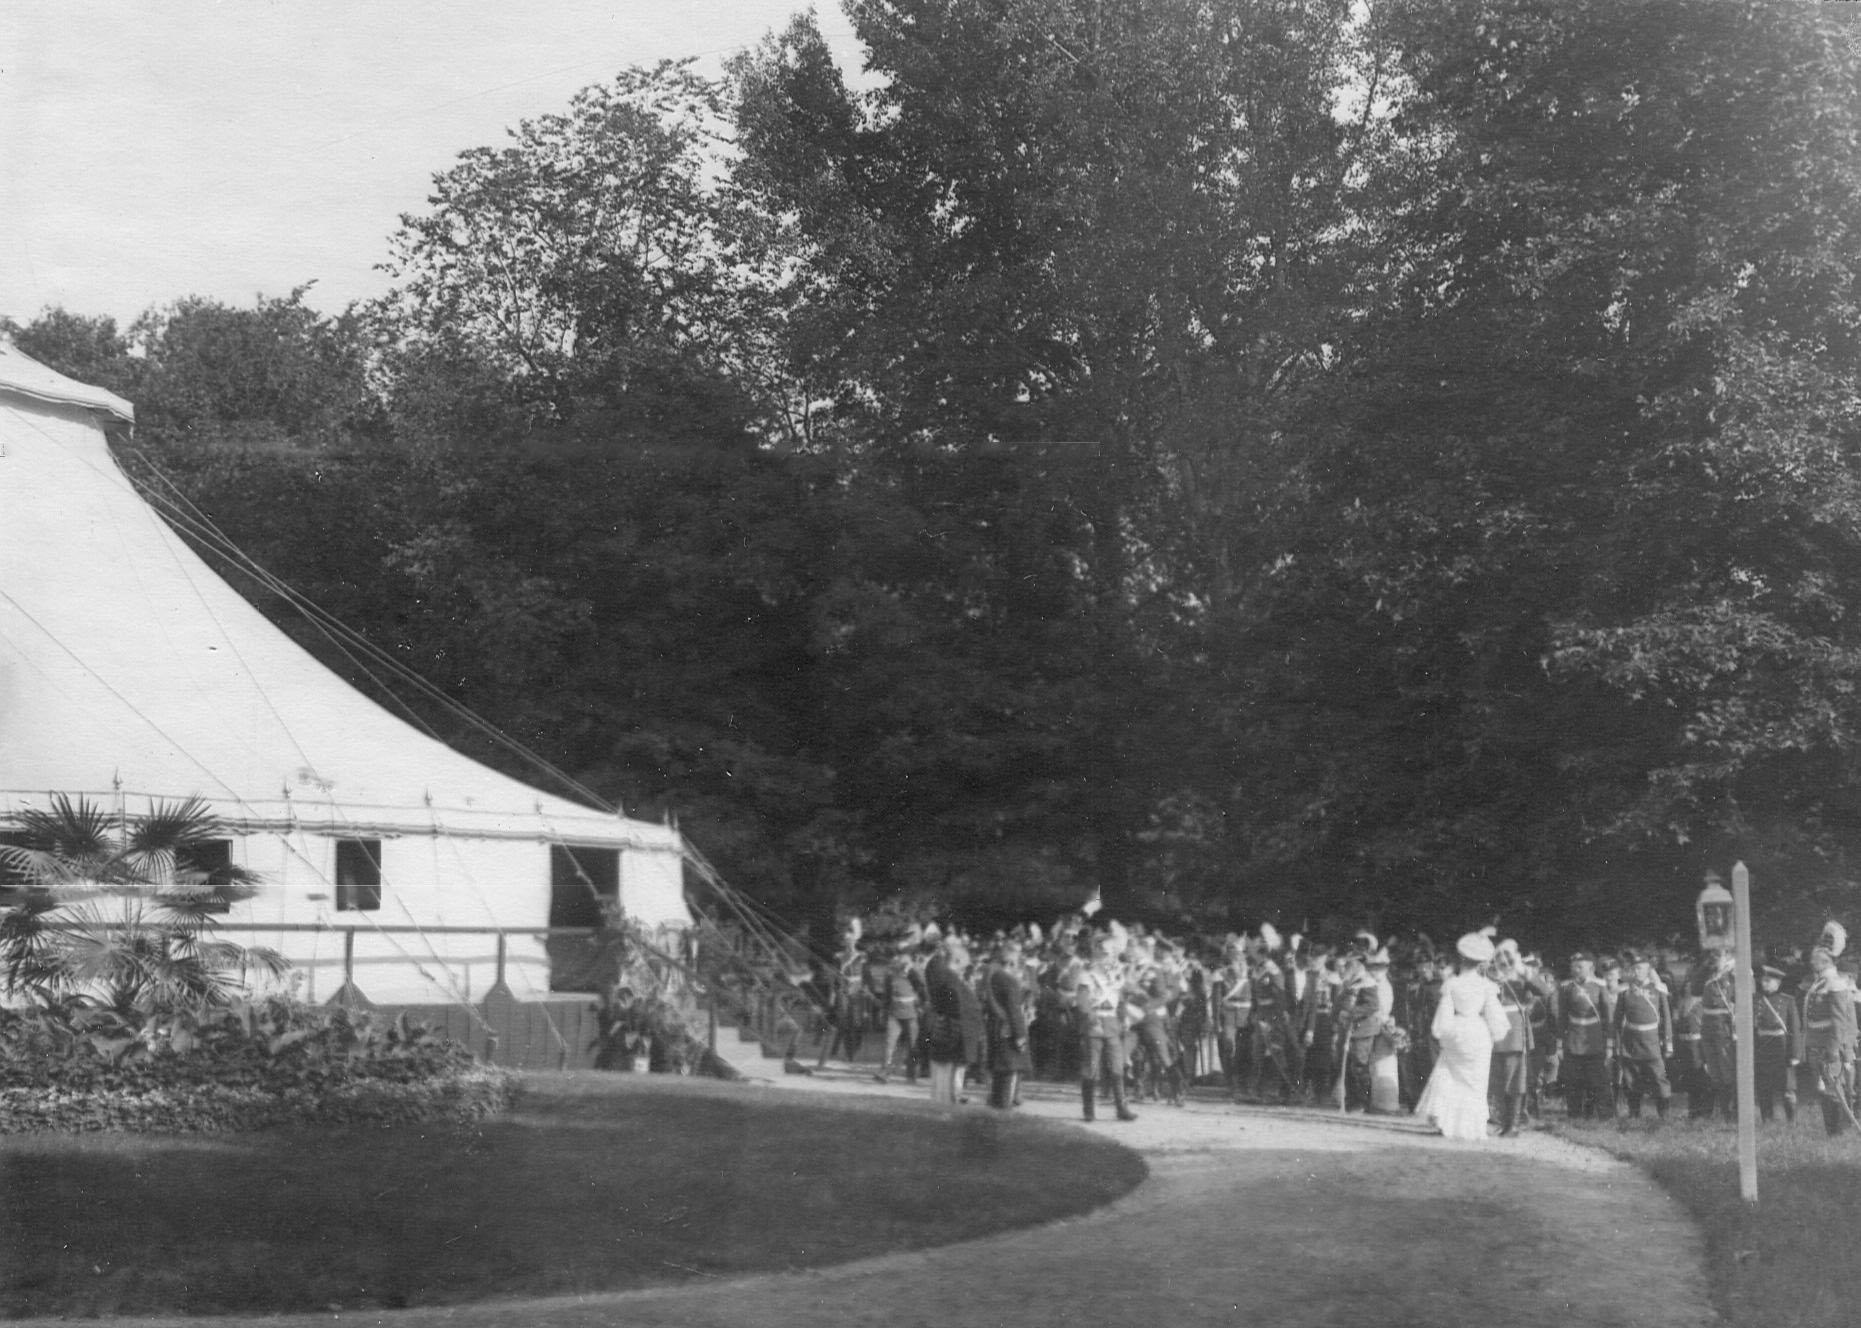 Император Николай II cо свитой у палатки на праздновании 250-летнего юбилея полка